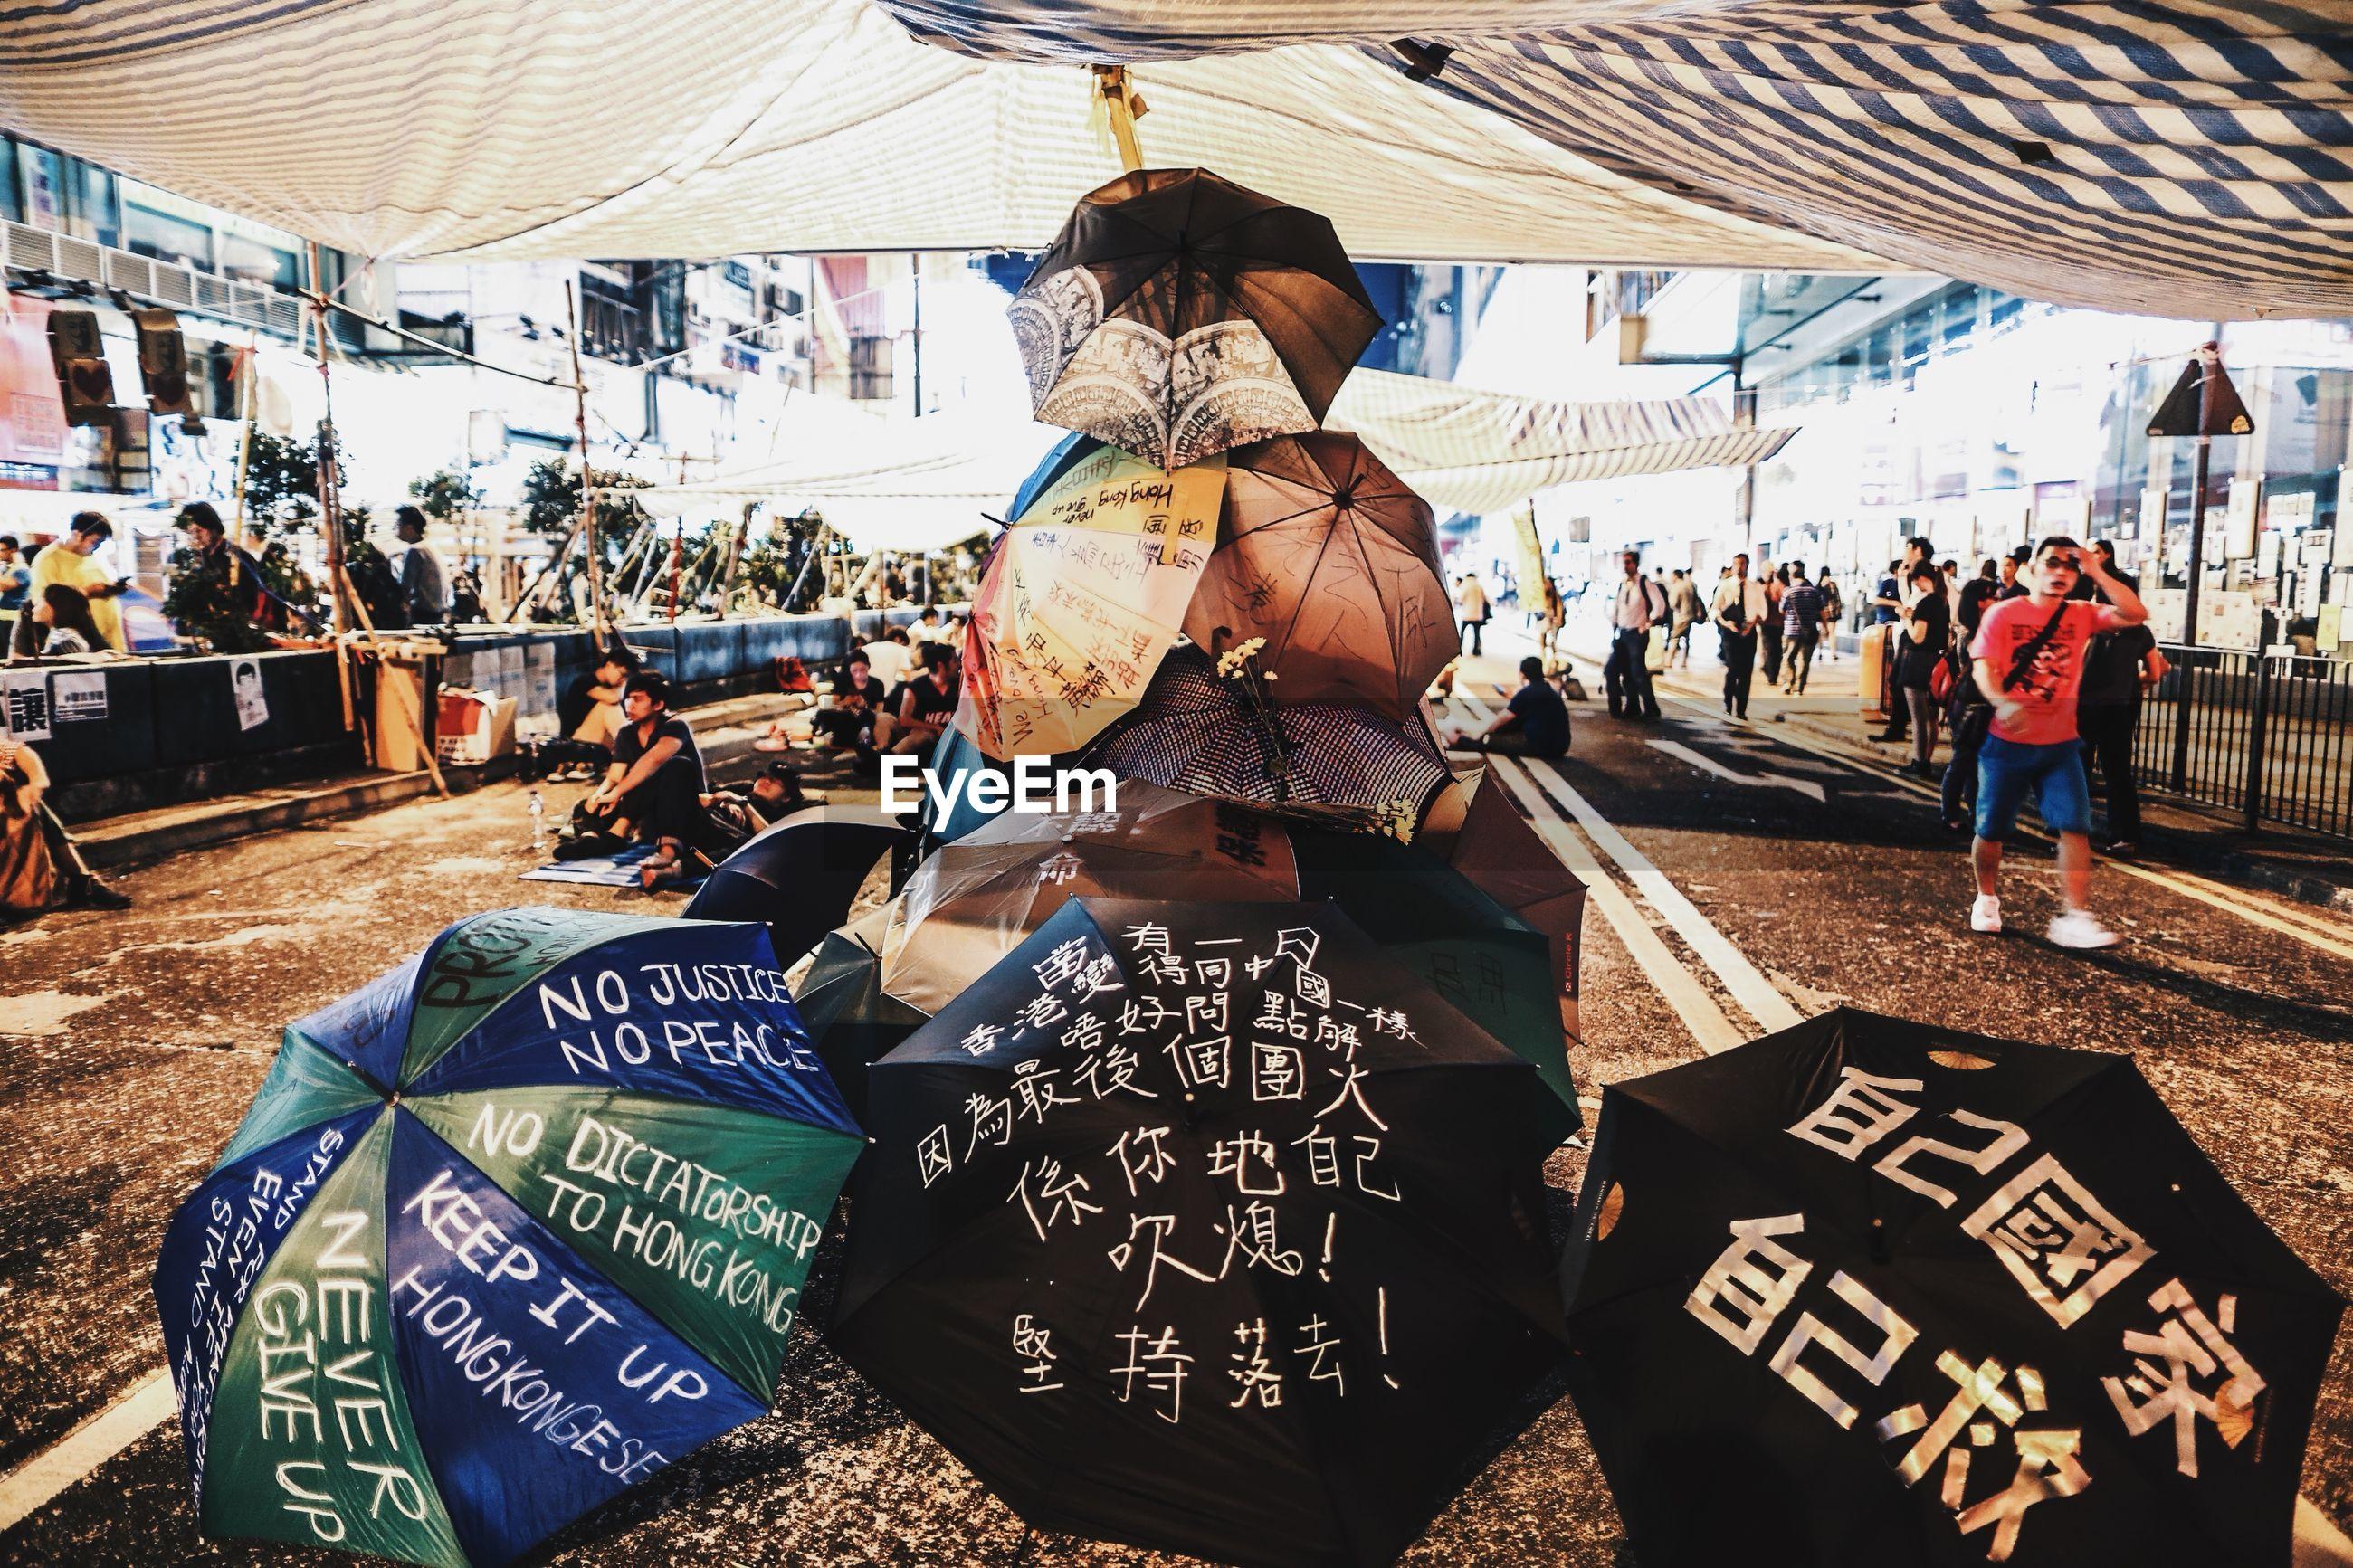 People walking by creative umbrellas on display